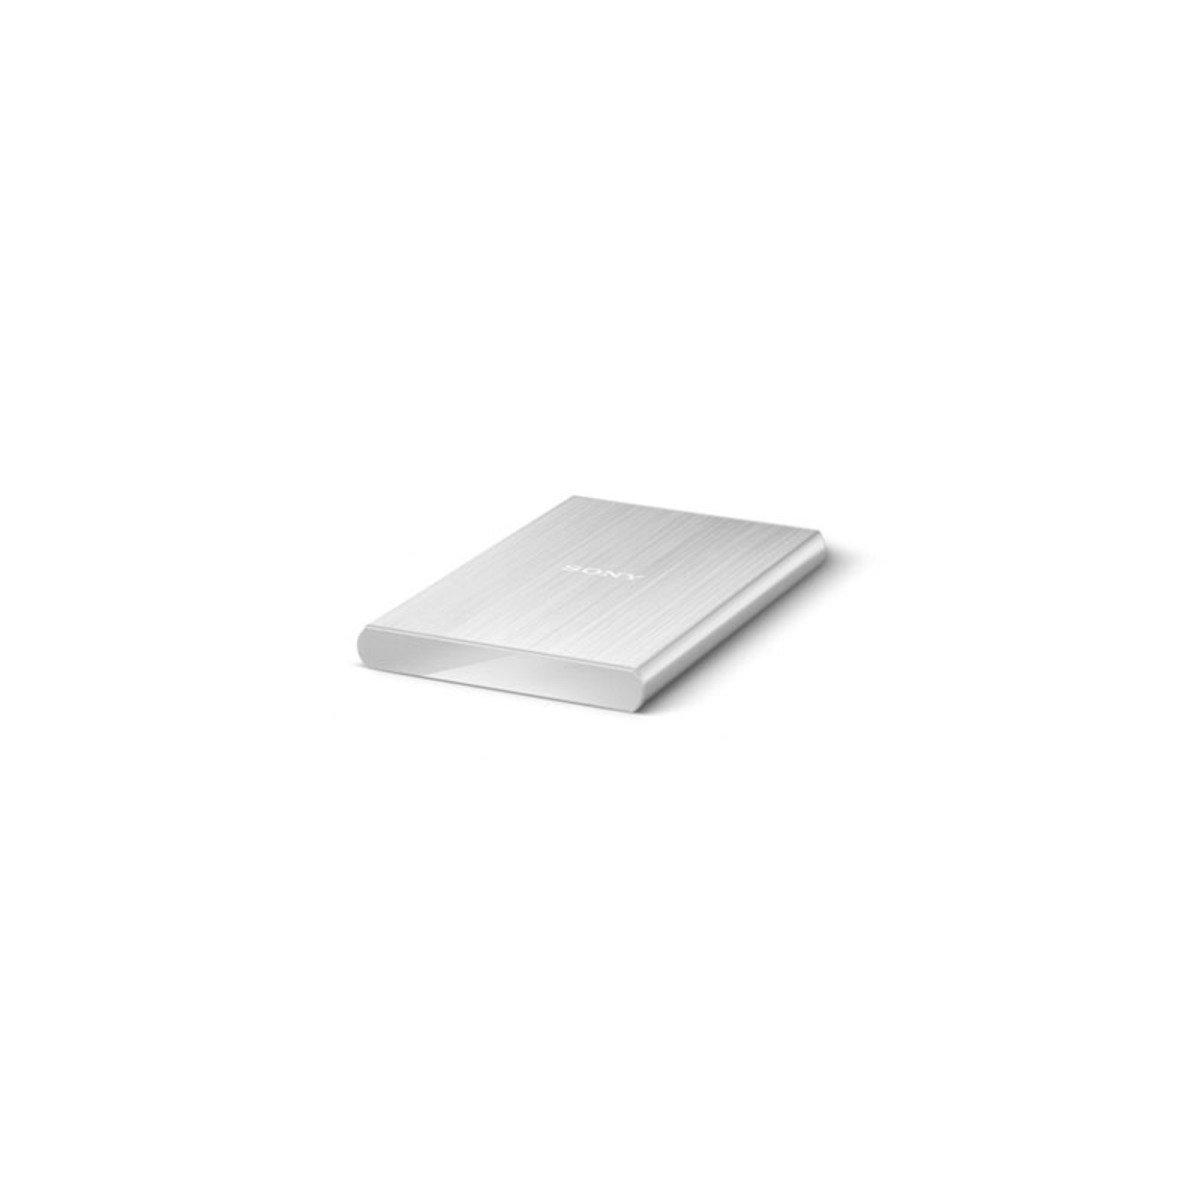 2.5吋 Compact Slim 2TB USB3.0 金屬外殼外置硬碟 銀色